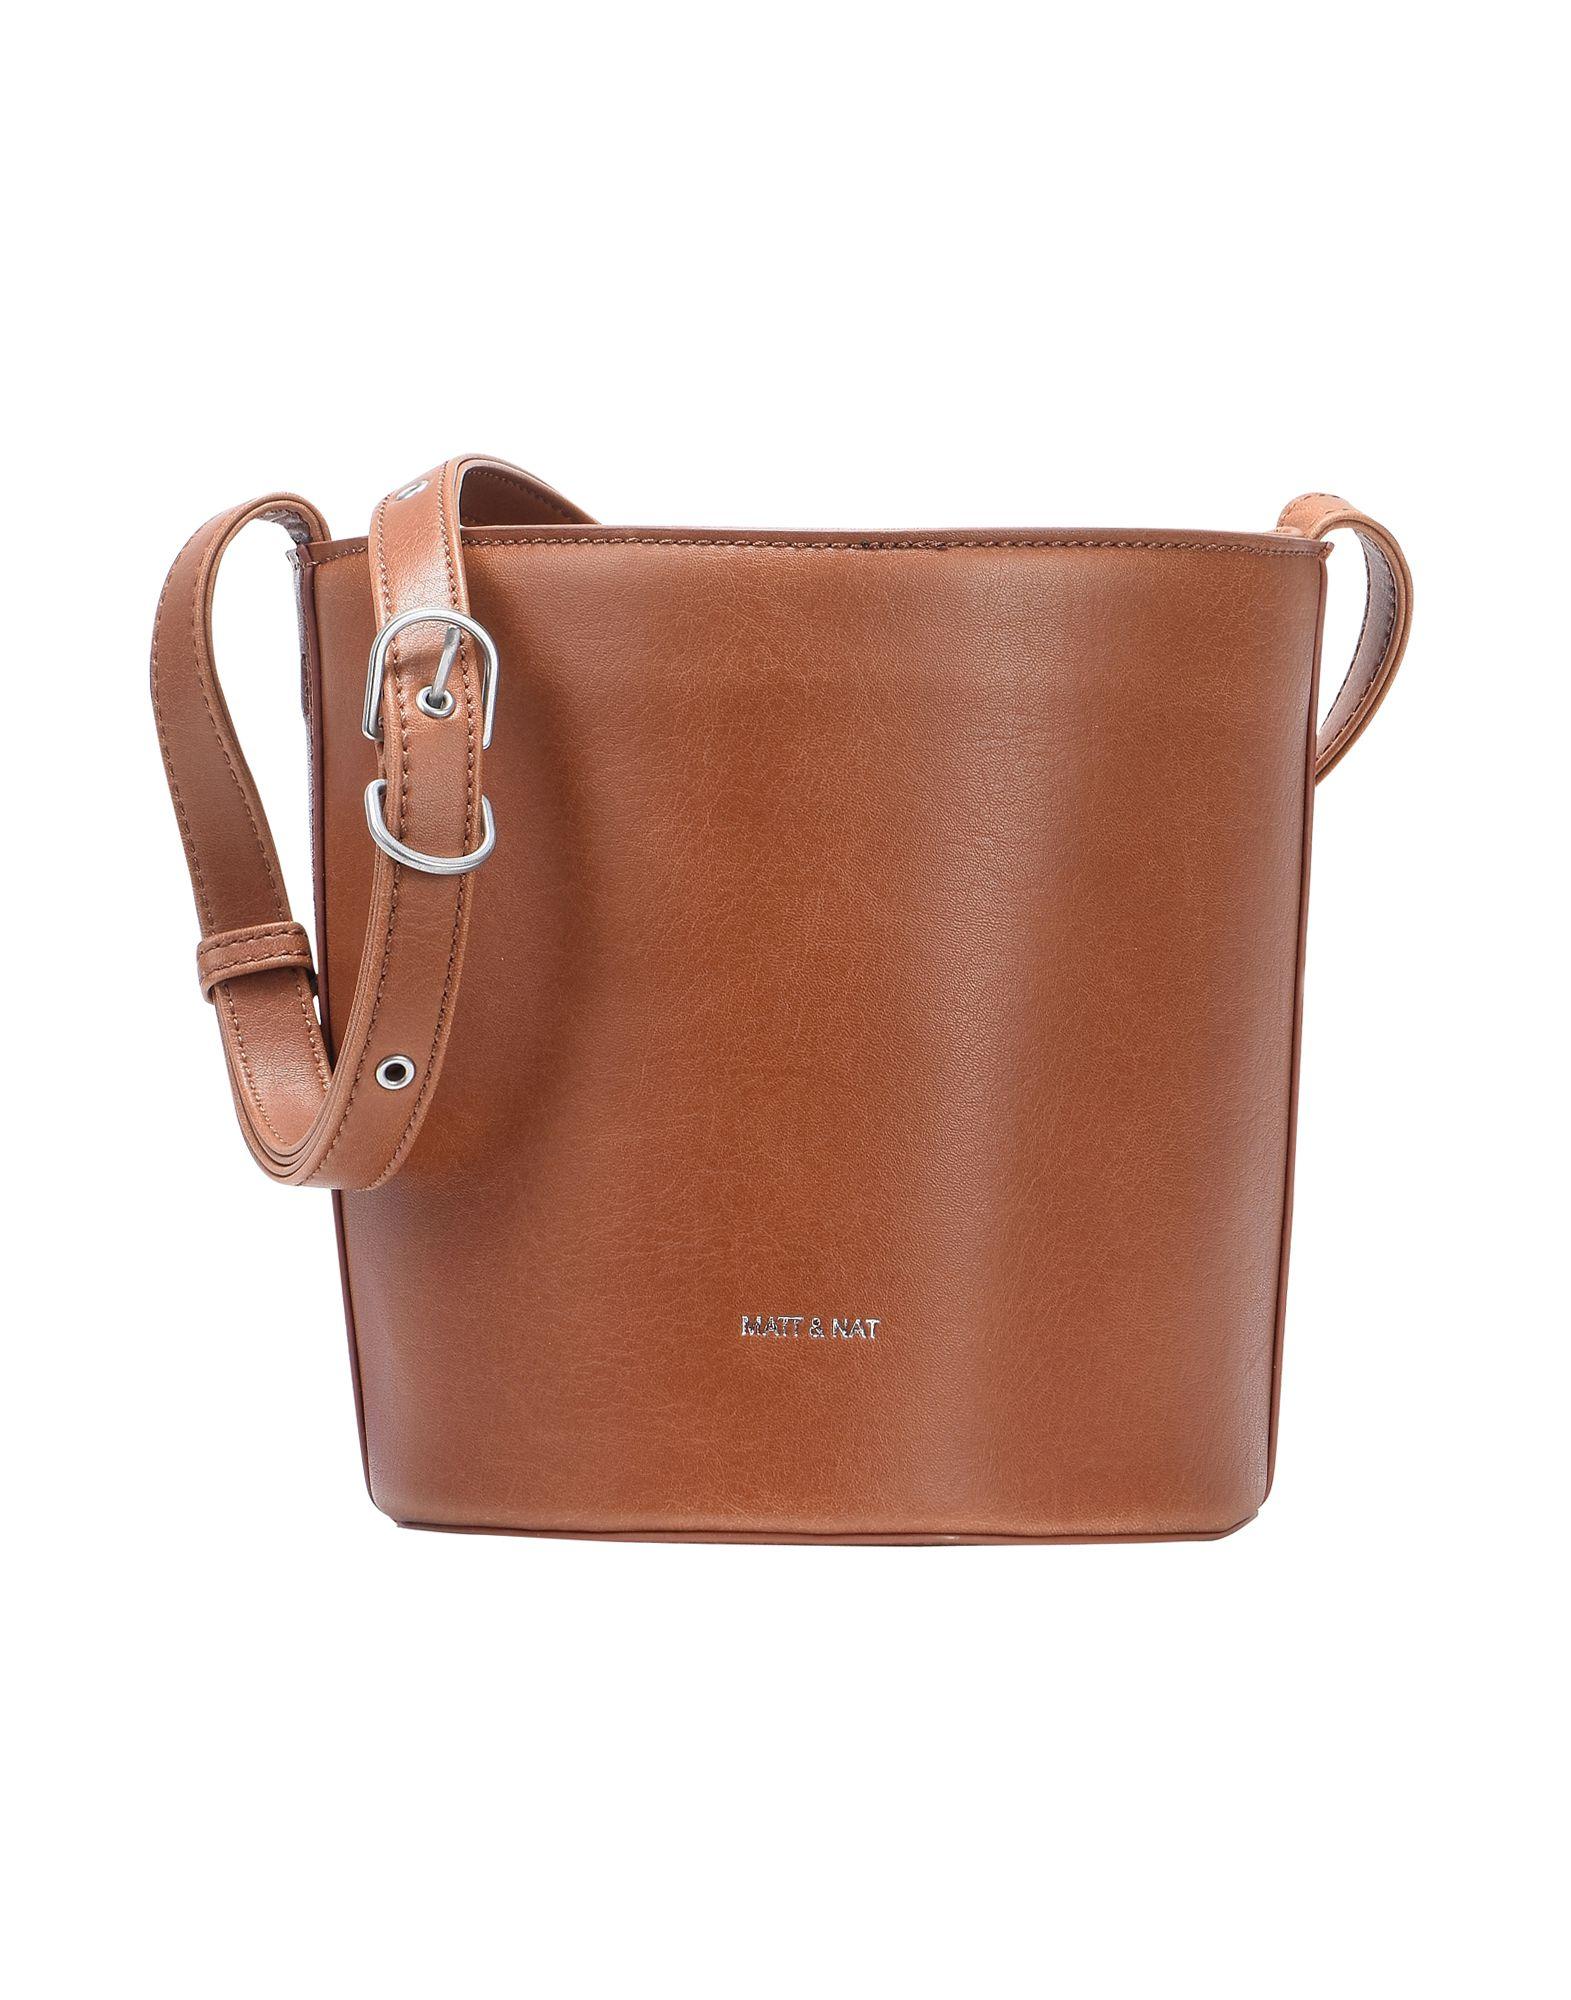 MATT & NAT Cross-Body Bags in Brown